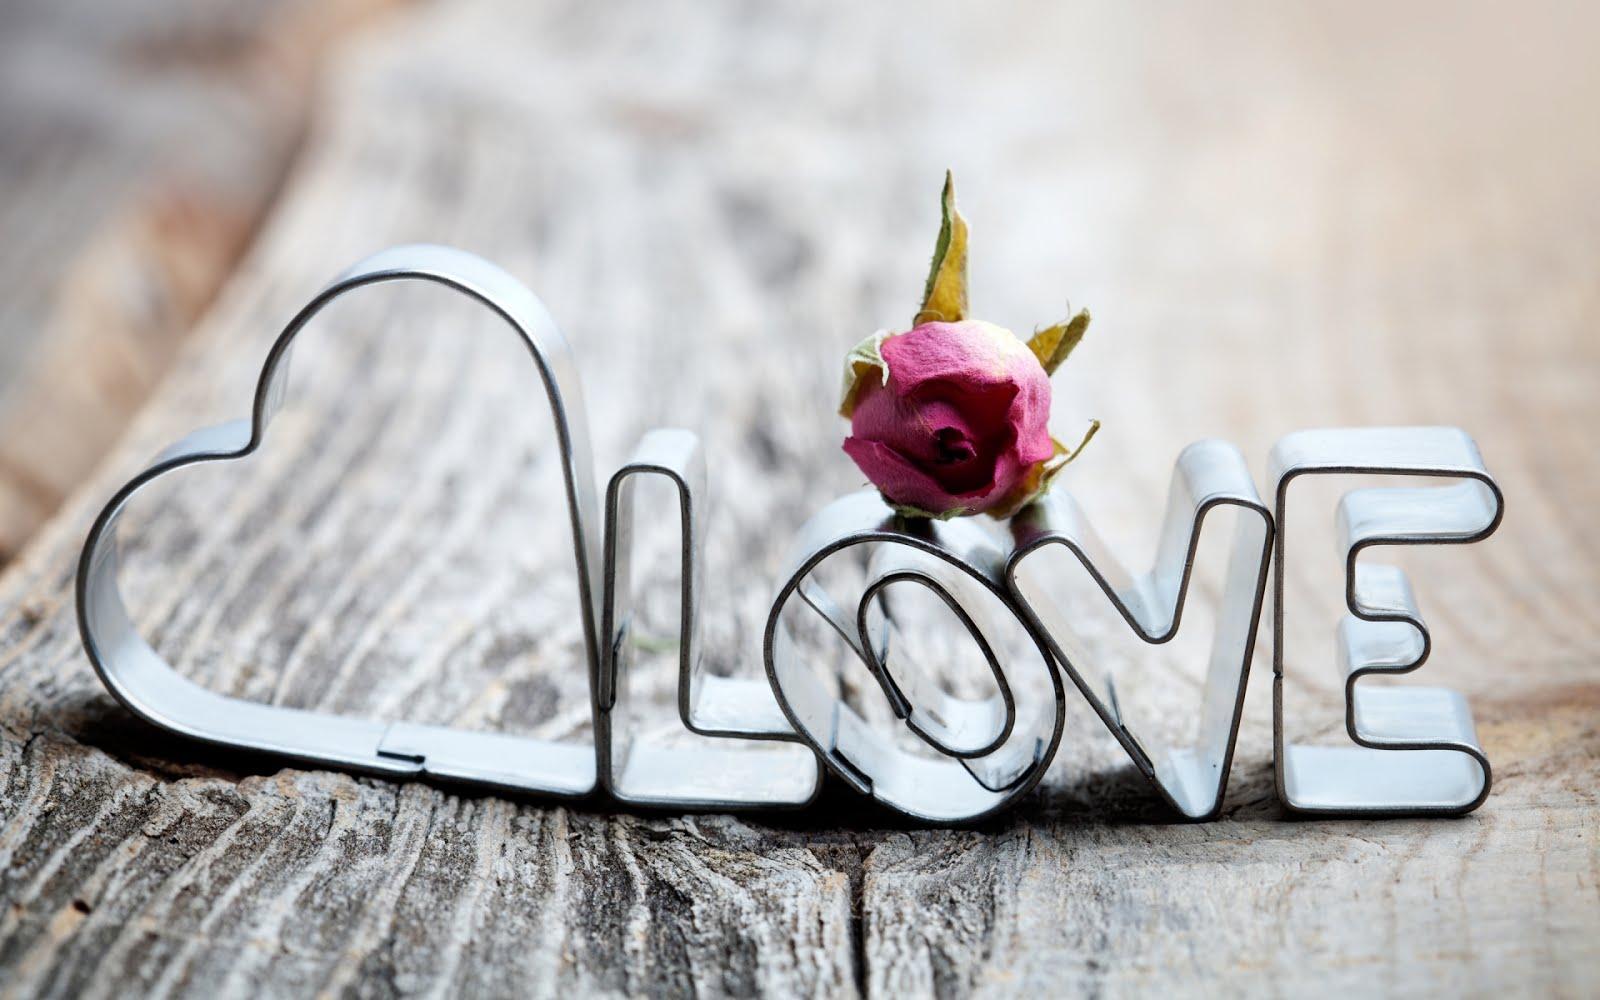 fotos-sobre-el-amor-poemas